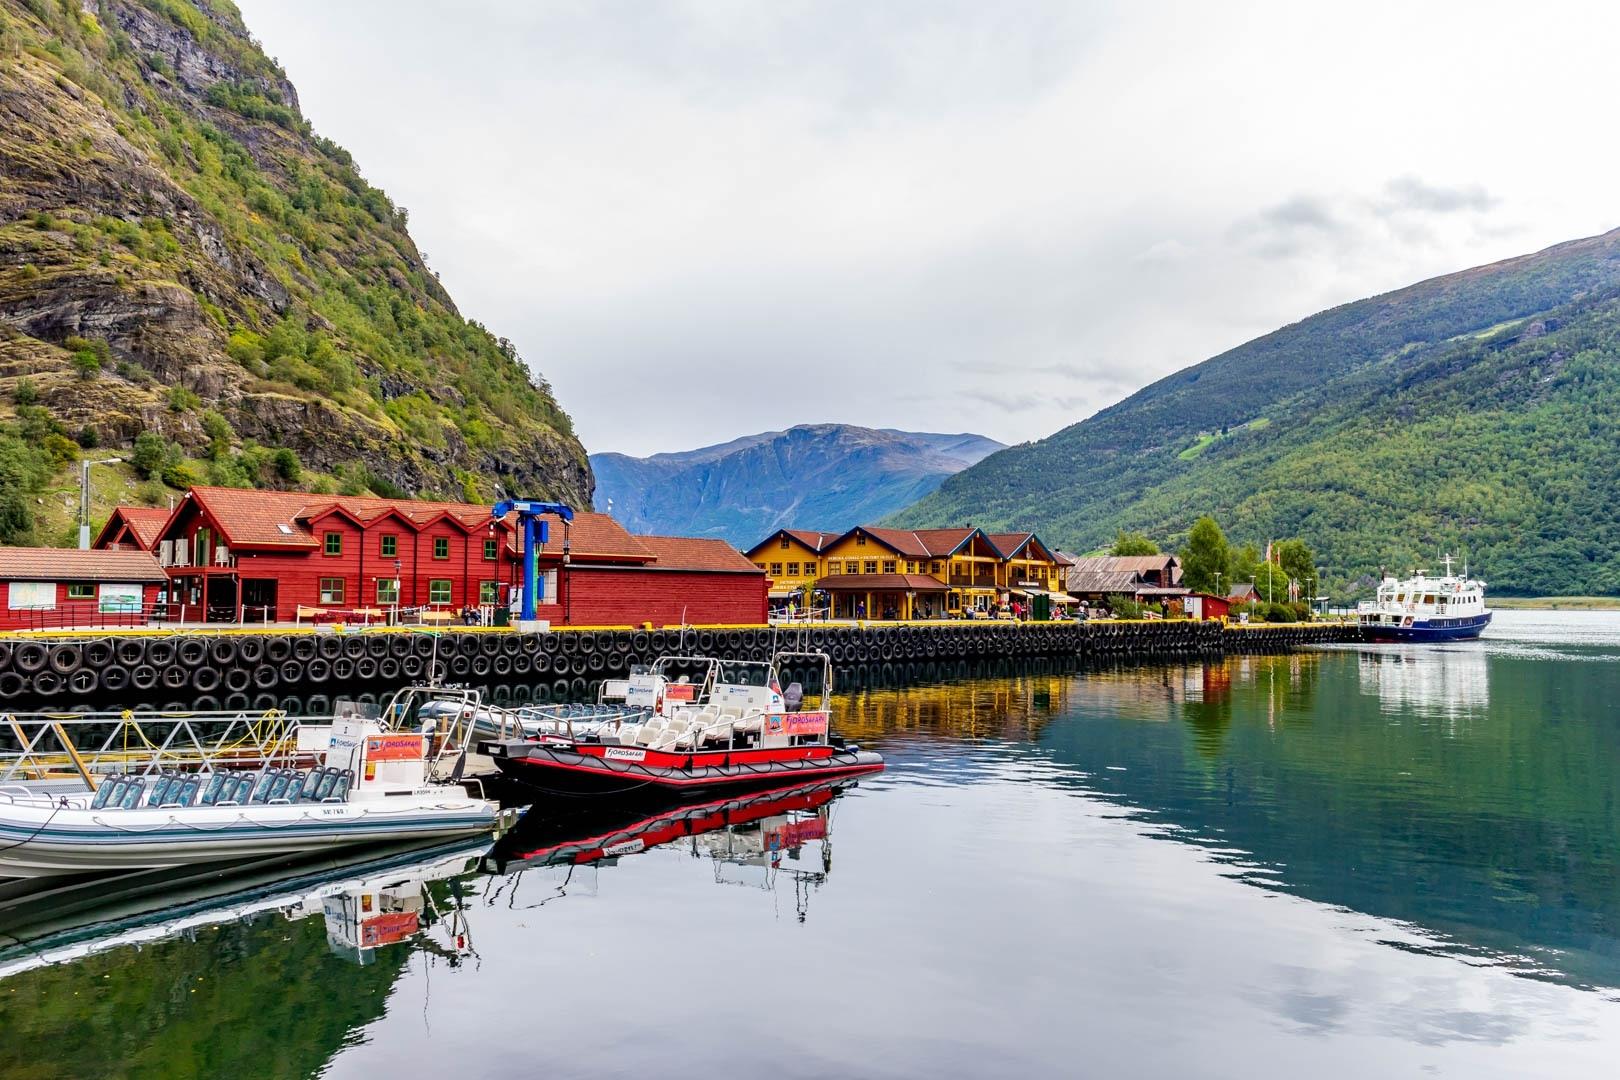 [挪威]自助挪威縮影到最美55公路看蓋倫格峽灣 – JK小地圖